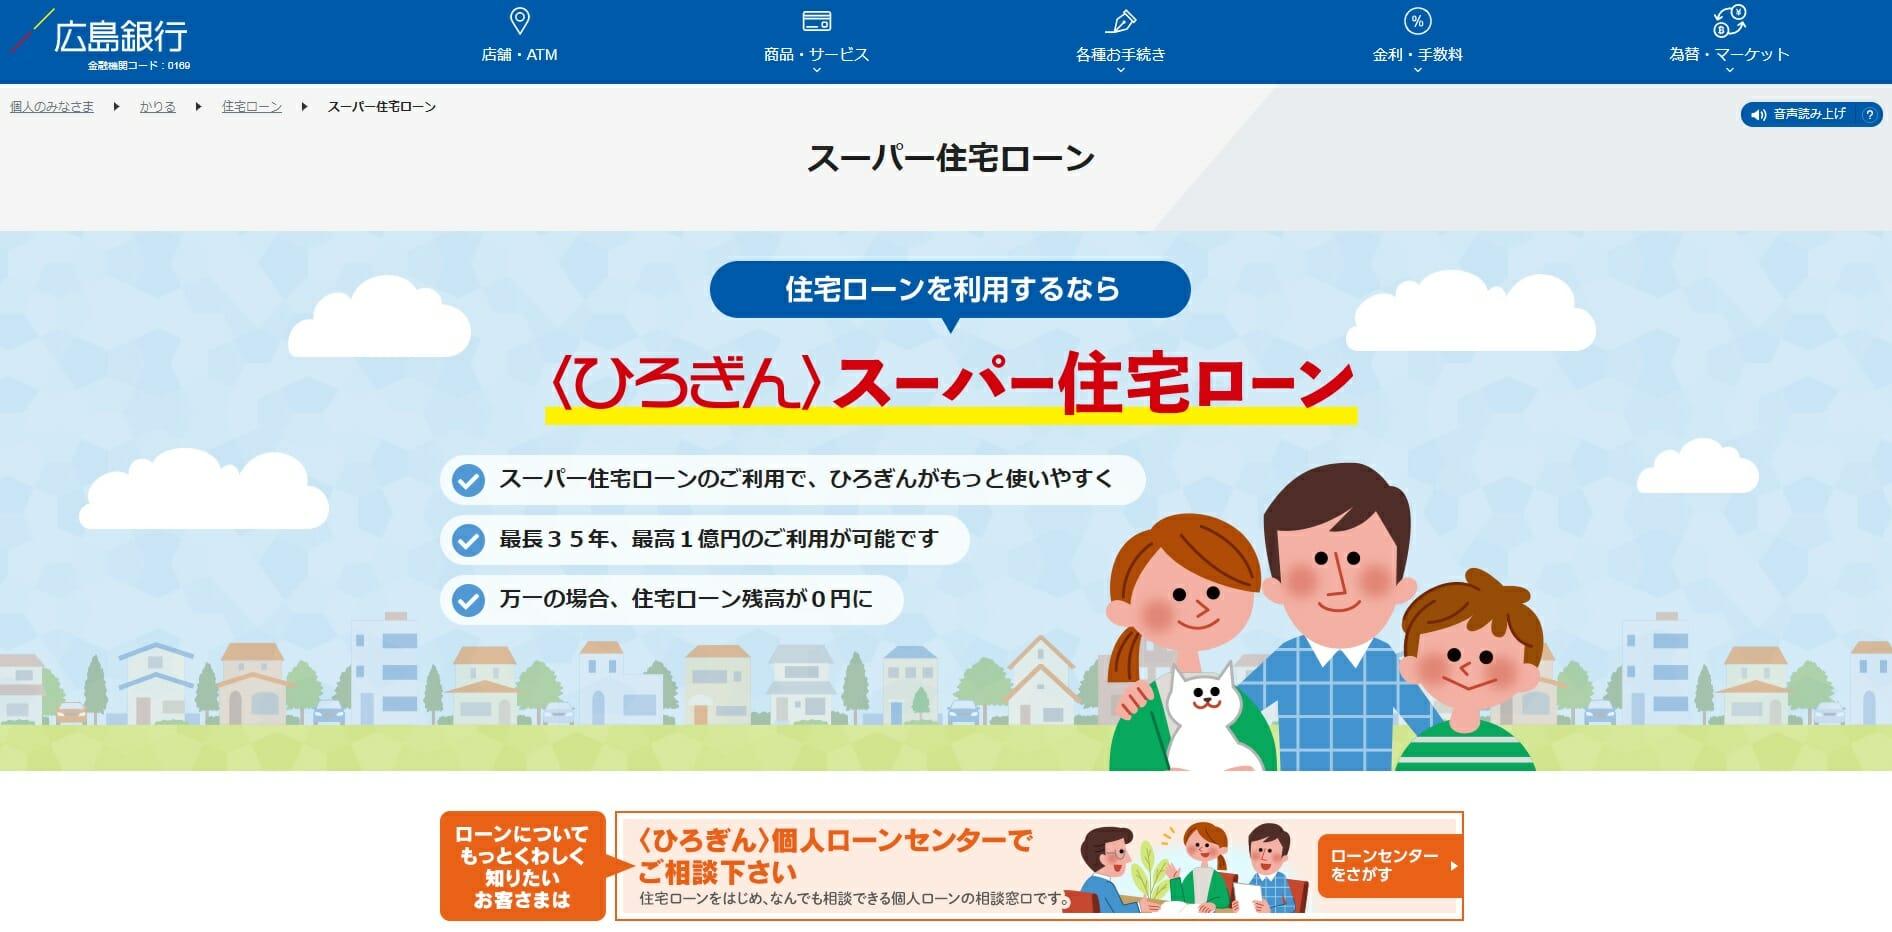 広島銀行の住宅ローン